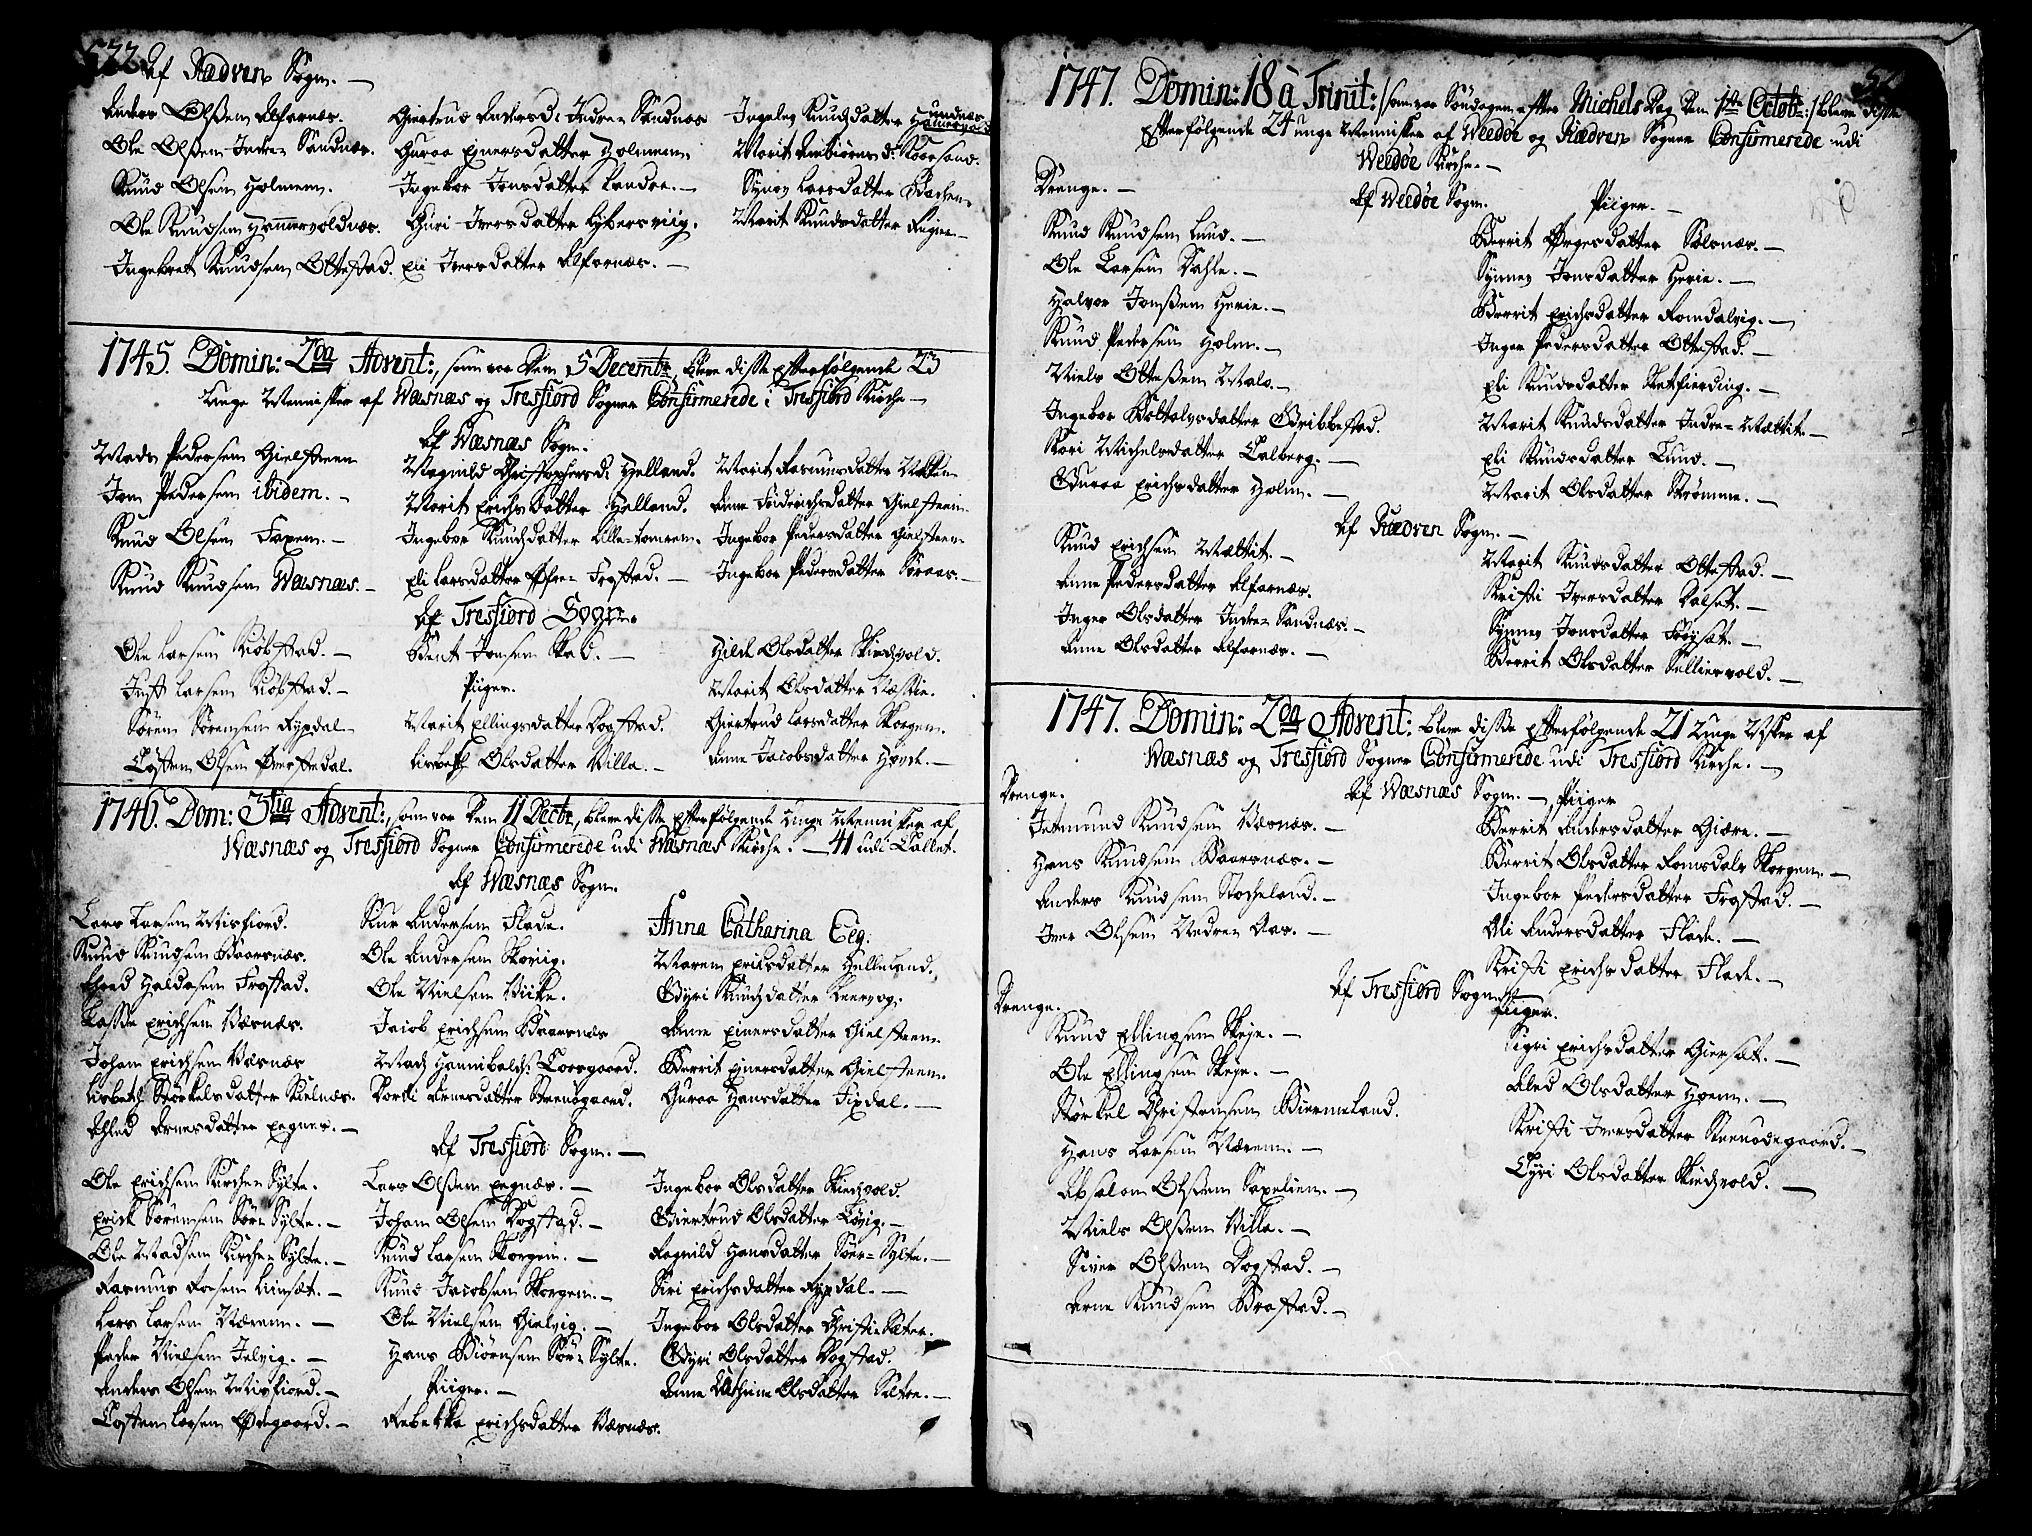 SAT, Ministerialprotokoller, klokkerbøker og fødselsregistre - Møre og Romsdal, 547/L0599: Ministerialbok nr. 547A01, 1721-1764, s. 522-523